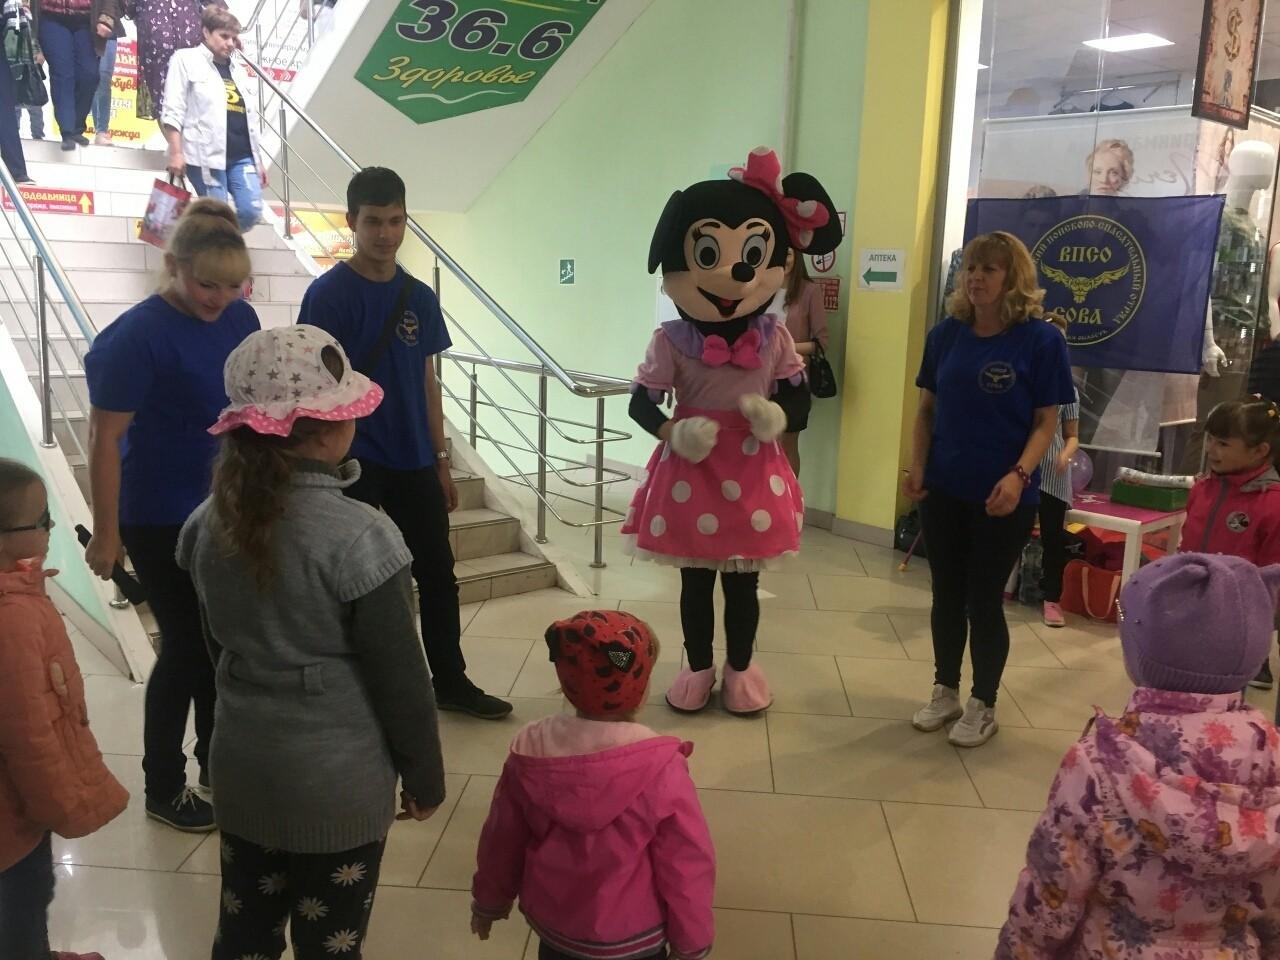 В Бежецке в День города прошло развлекательно-профилактическое мероприятие от волонтеров